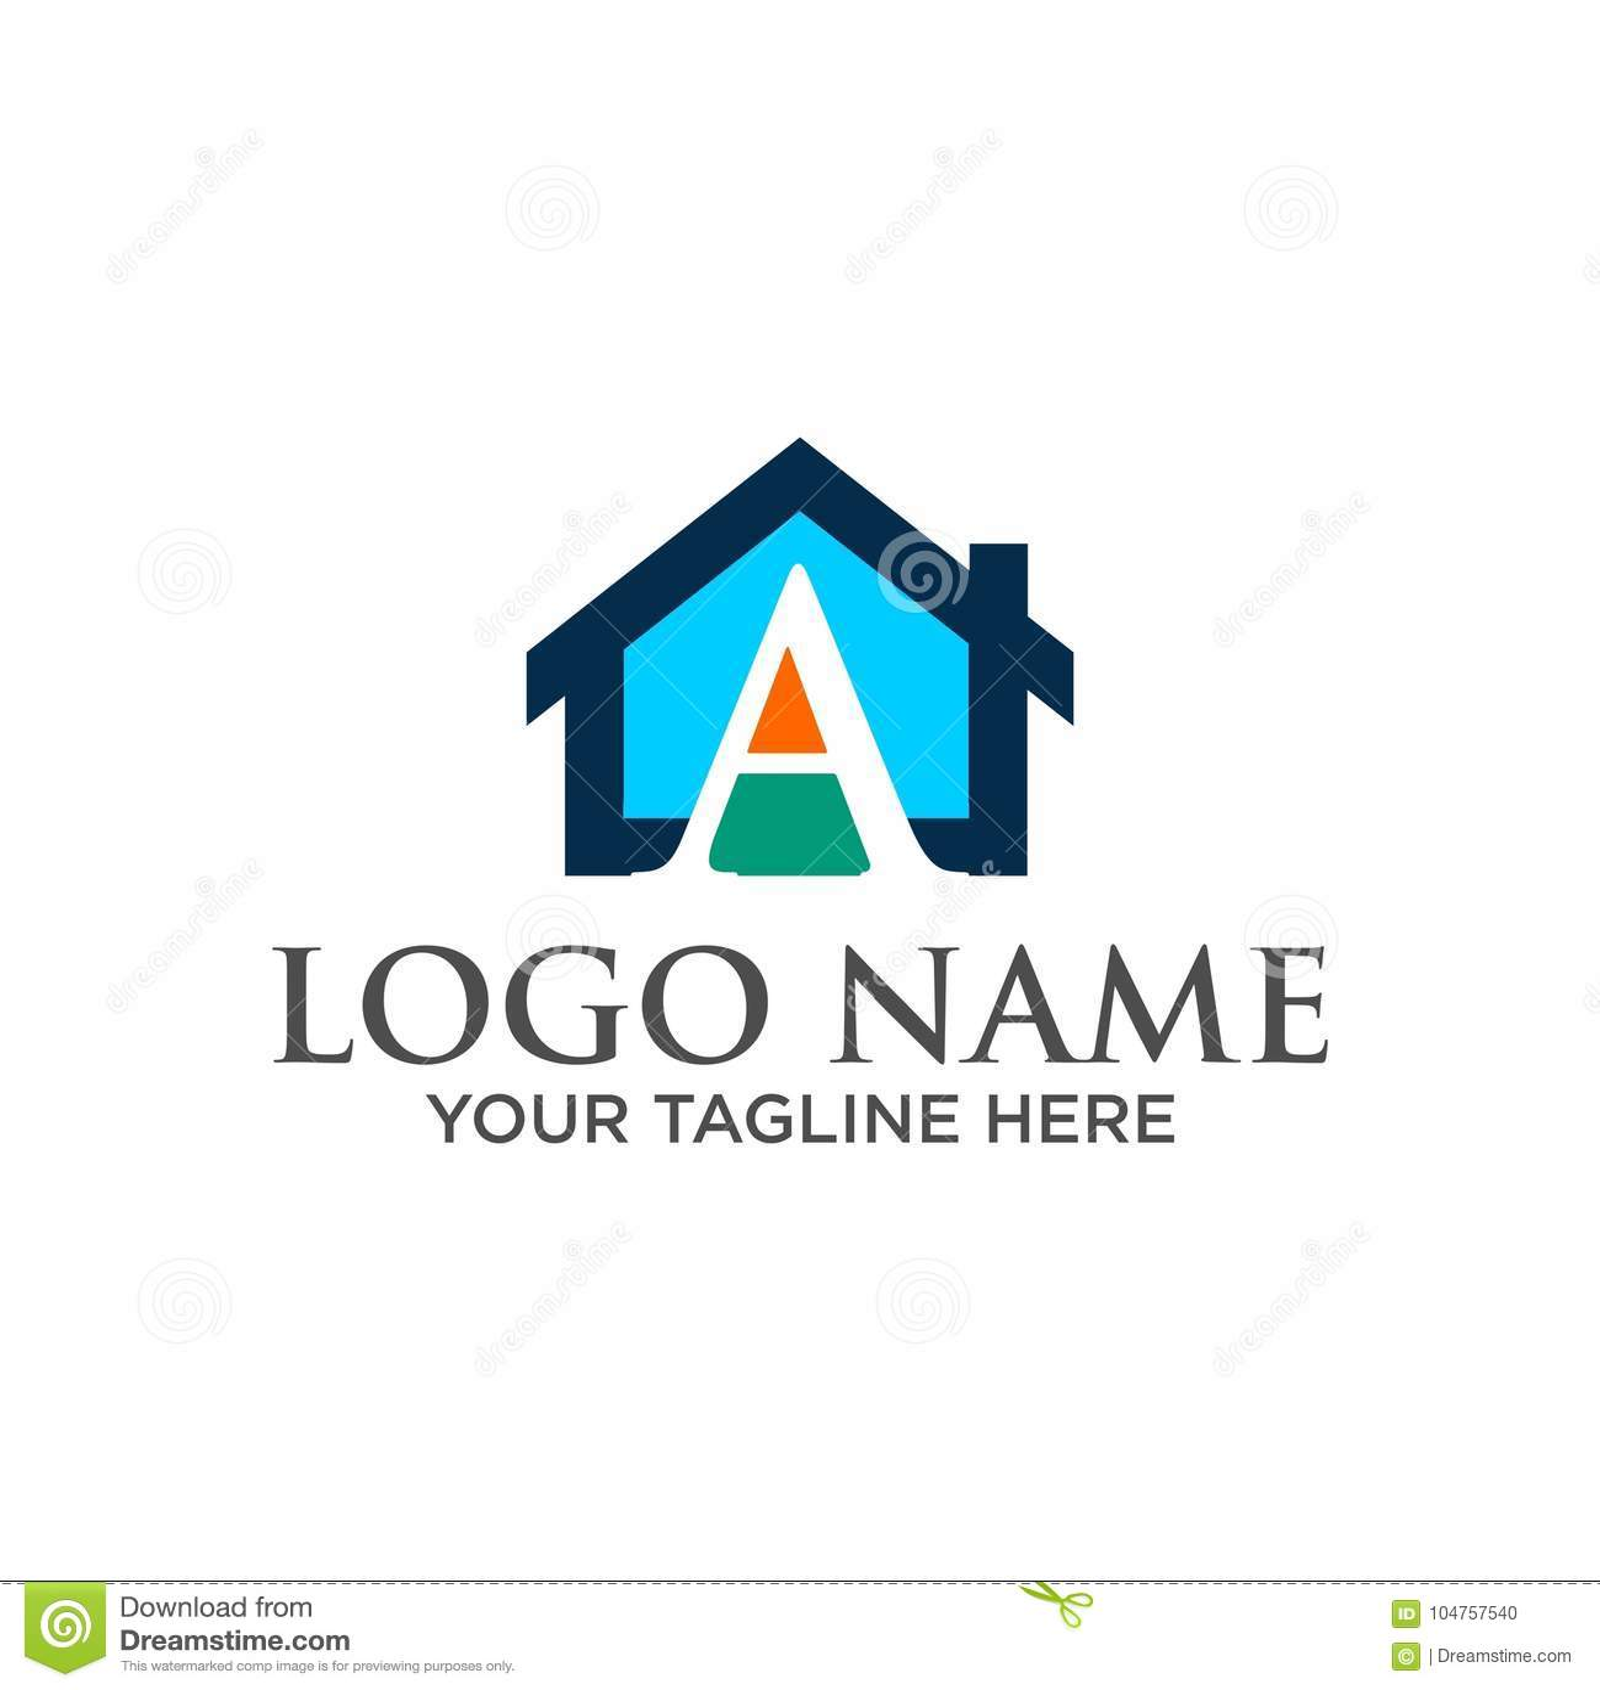 Kontruksi: Logo Huruf Awal `A` Atap Rumah Real Estat, Konstruksi